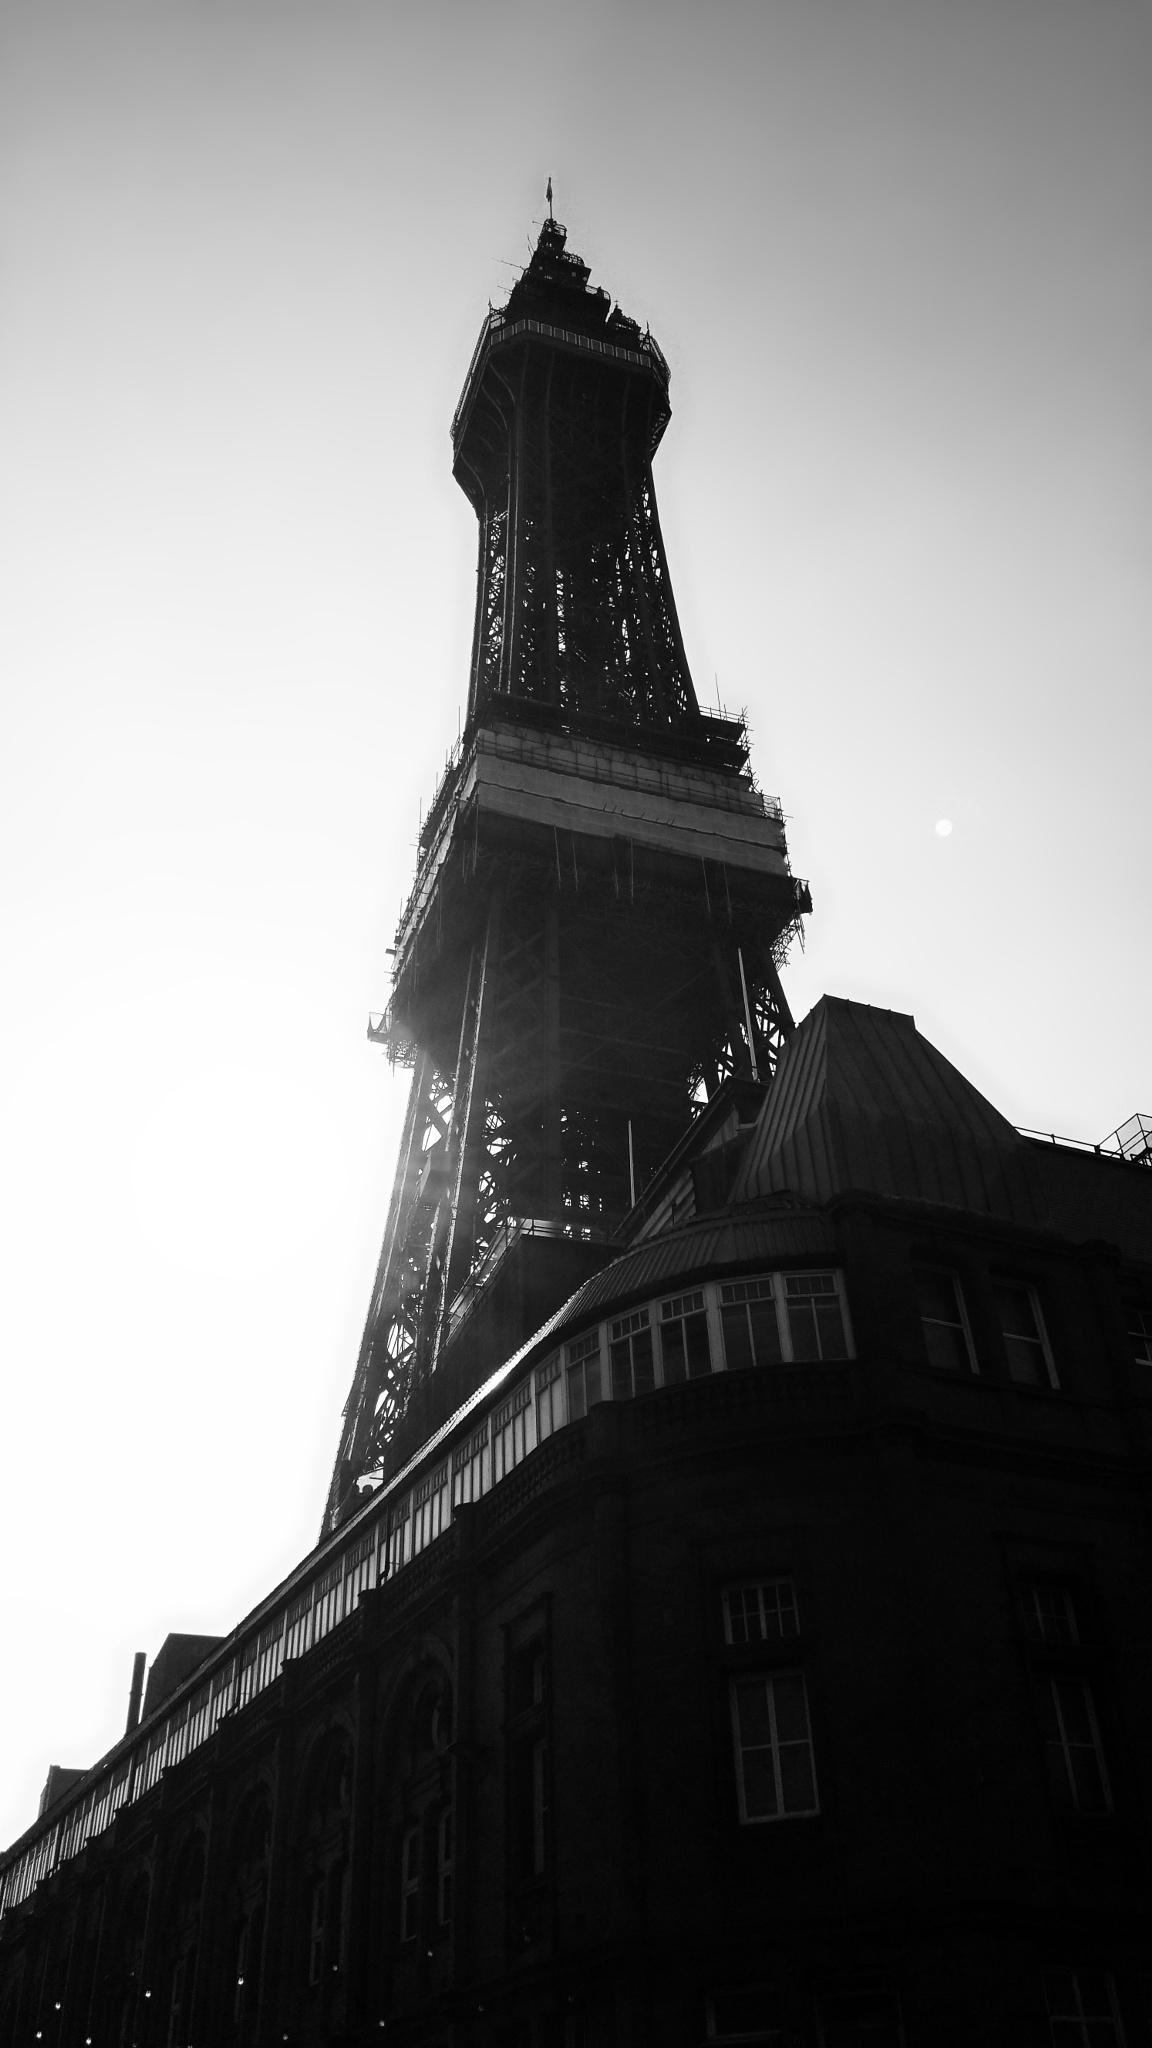 Eiffel Tower in Blackpool by Sean Thompson